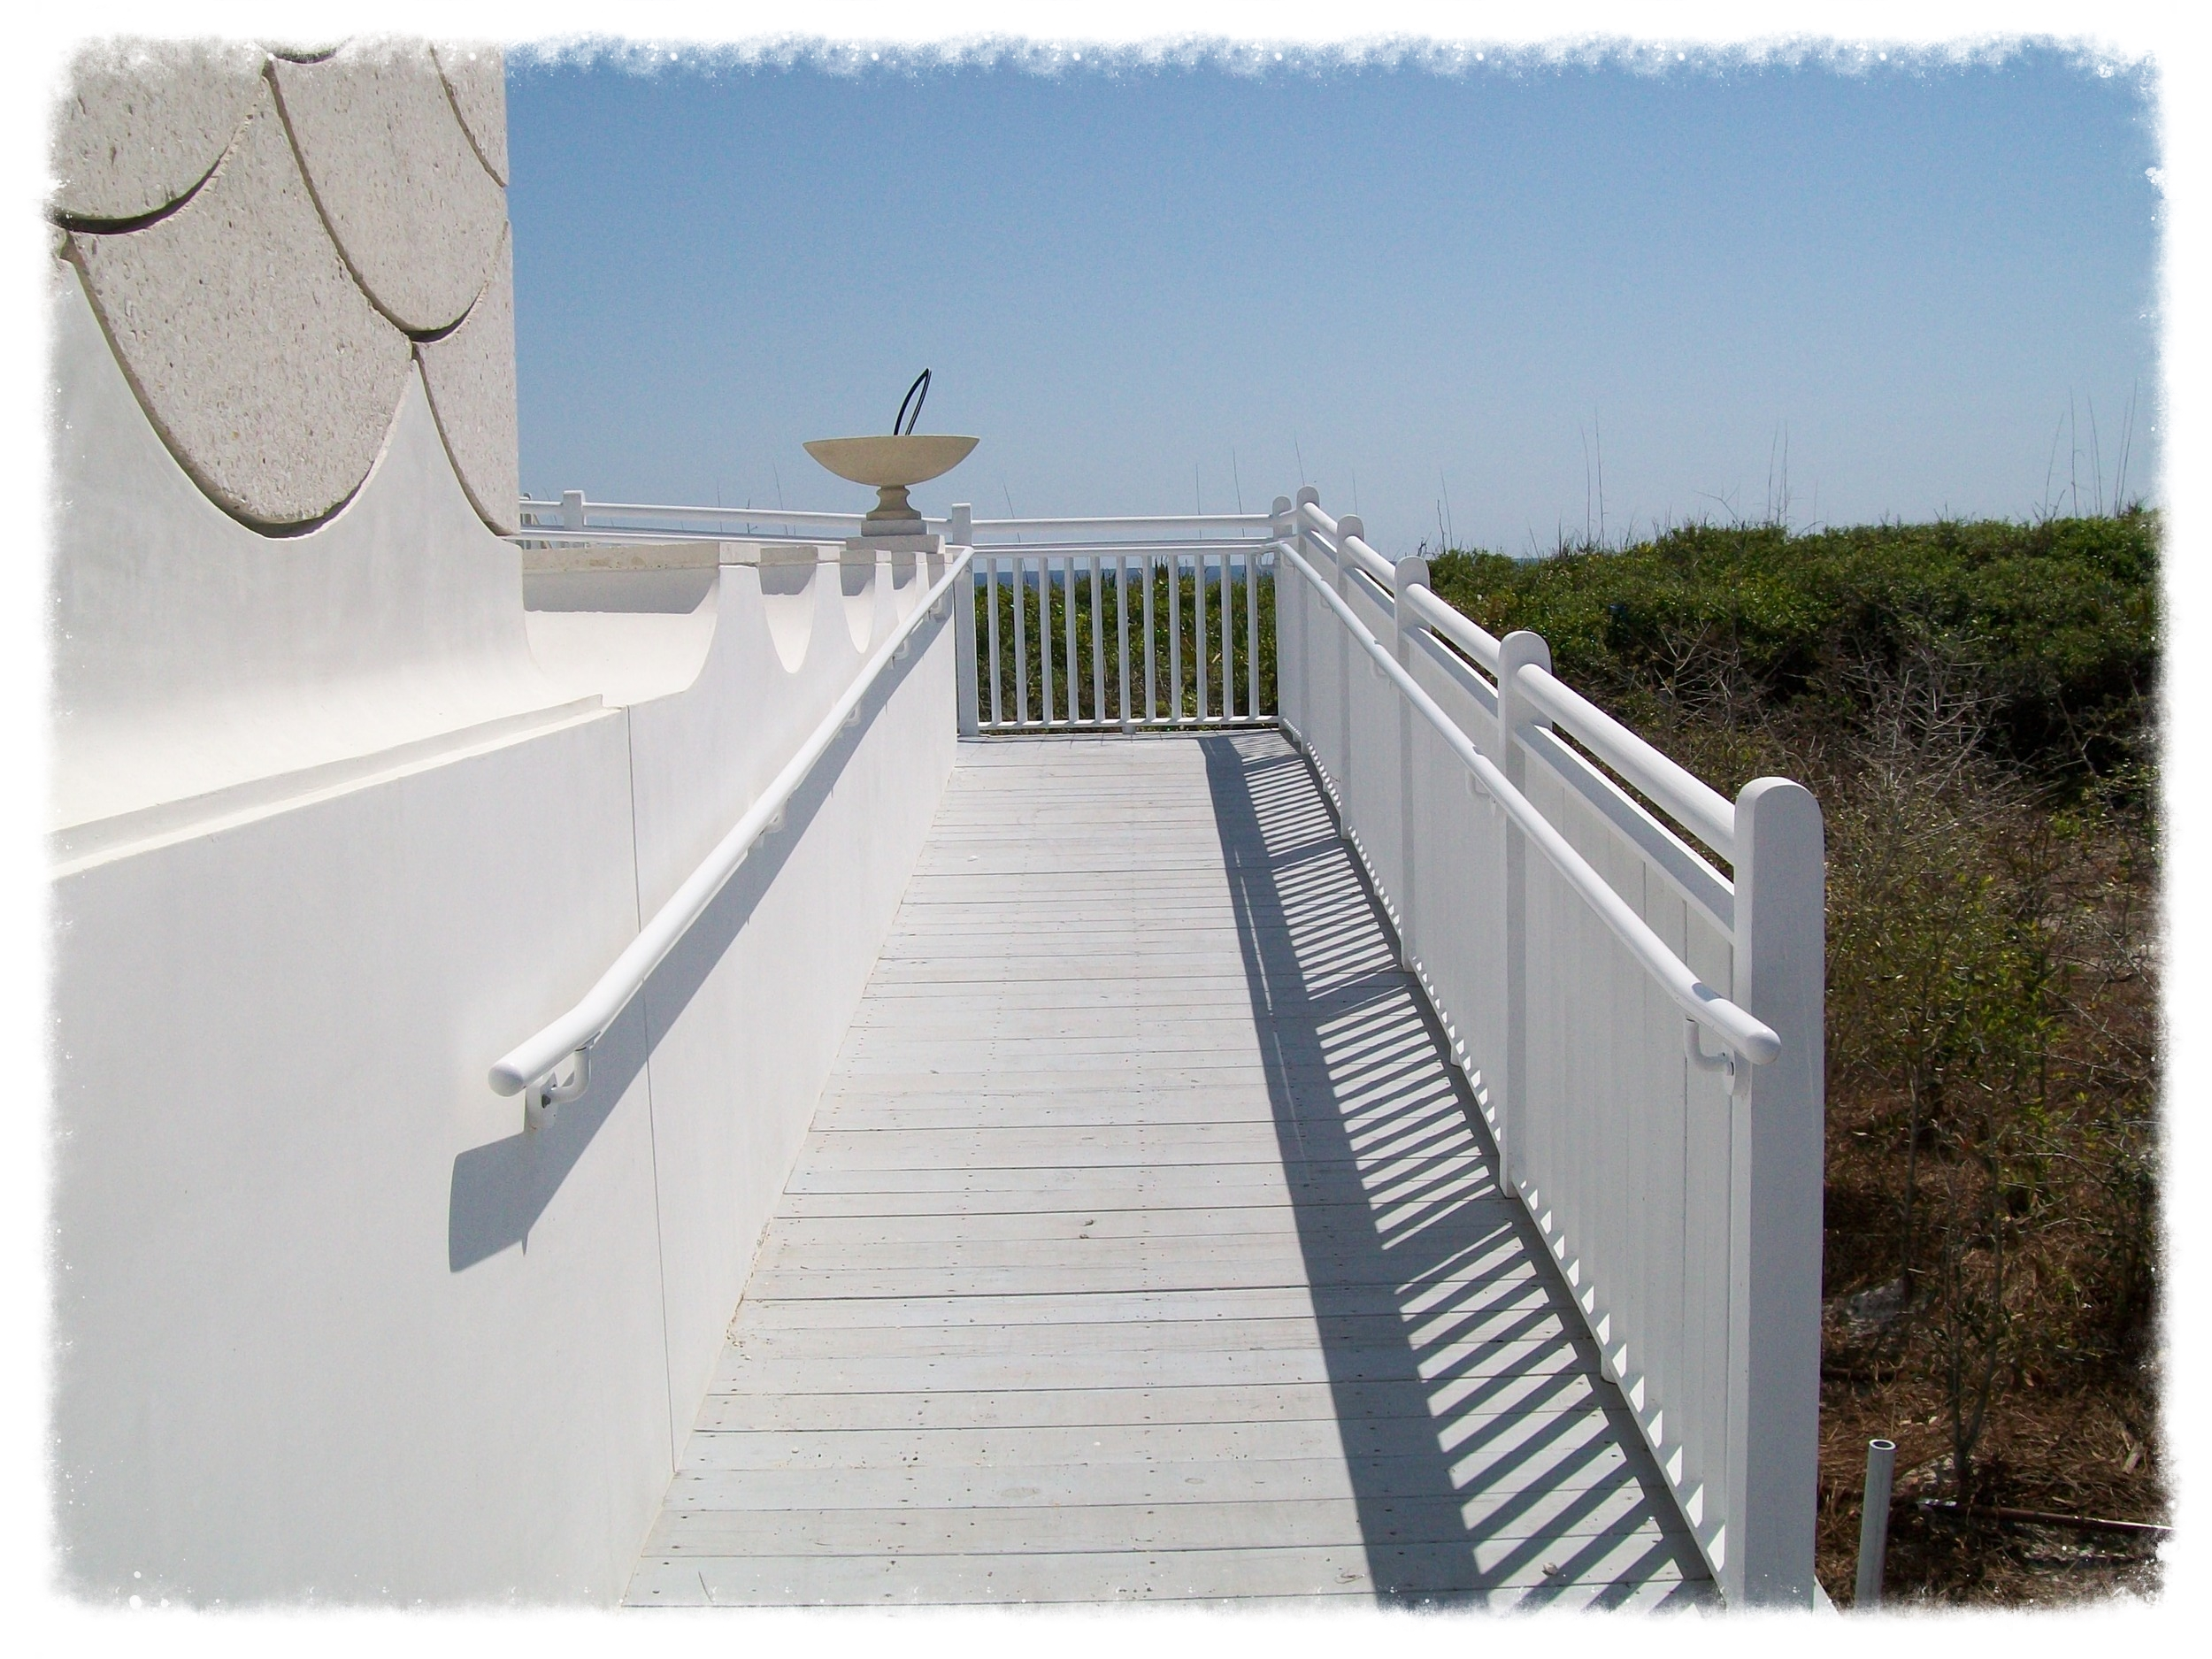 Boardwalk Ramp